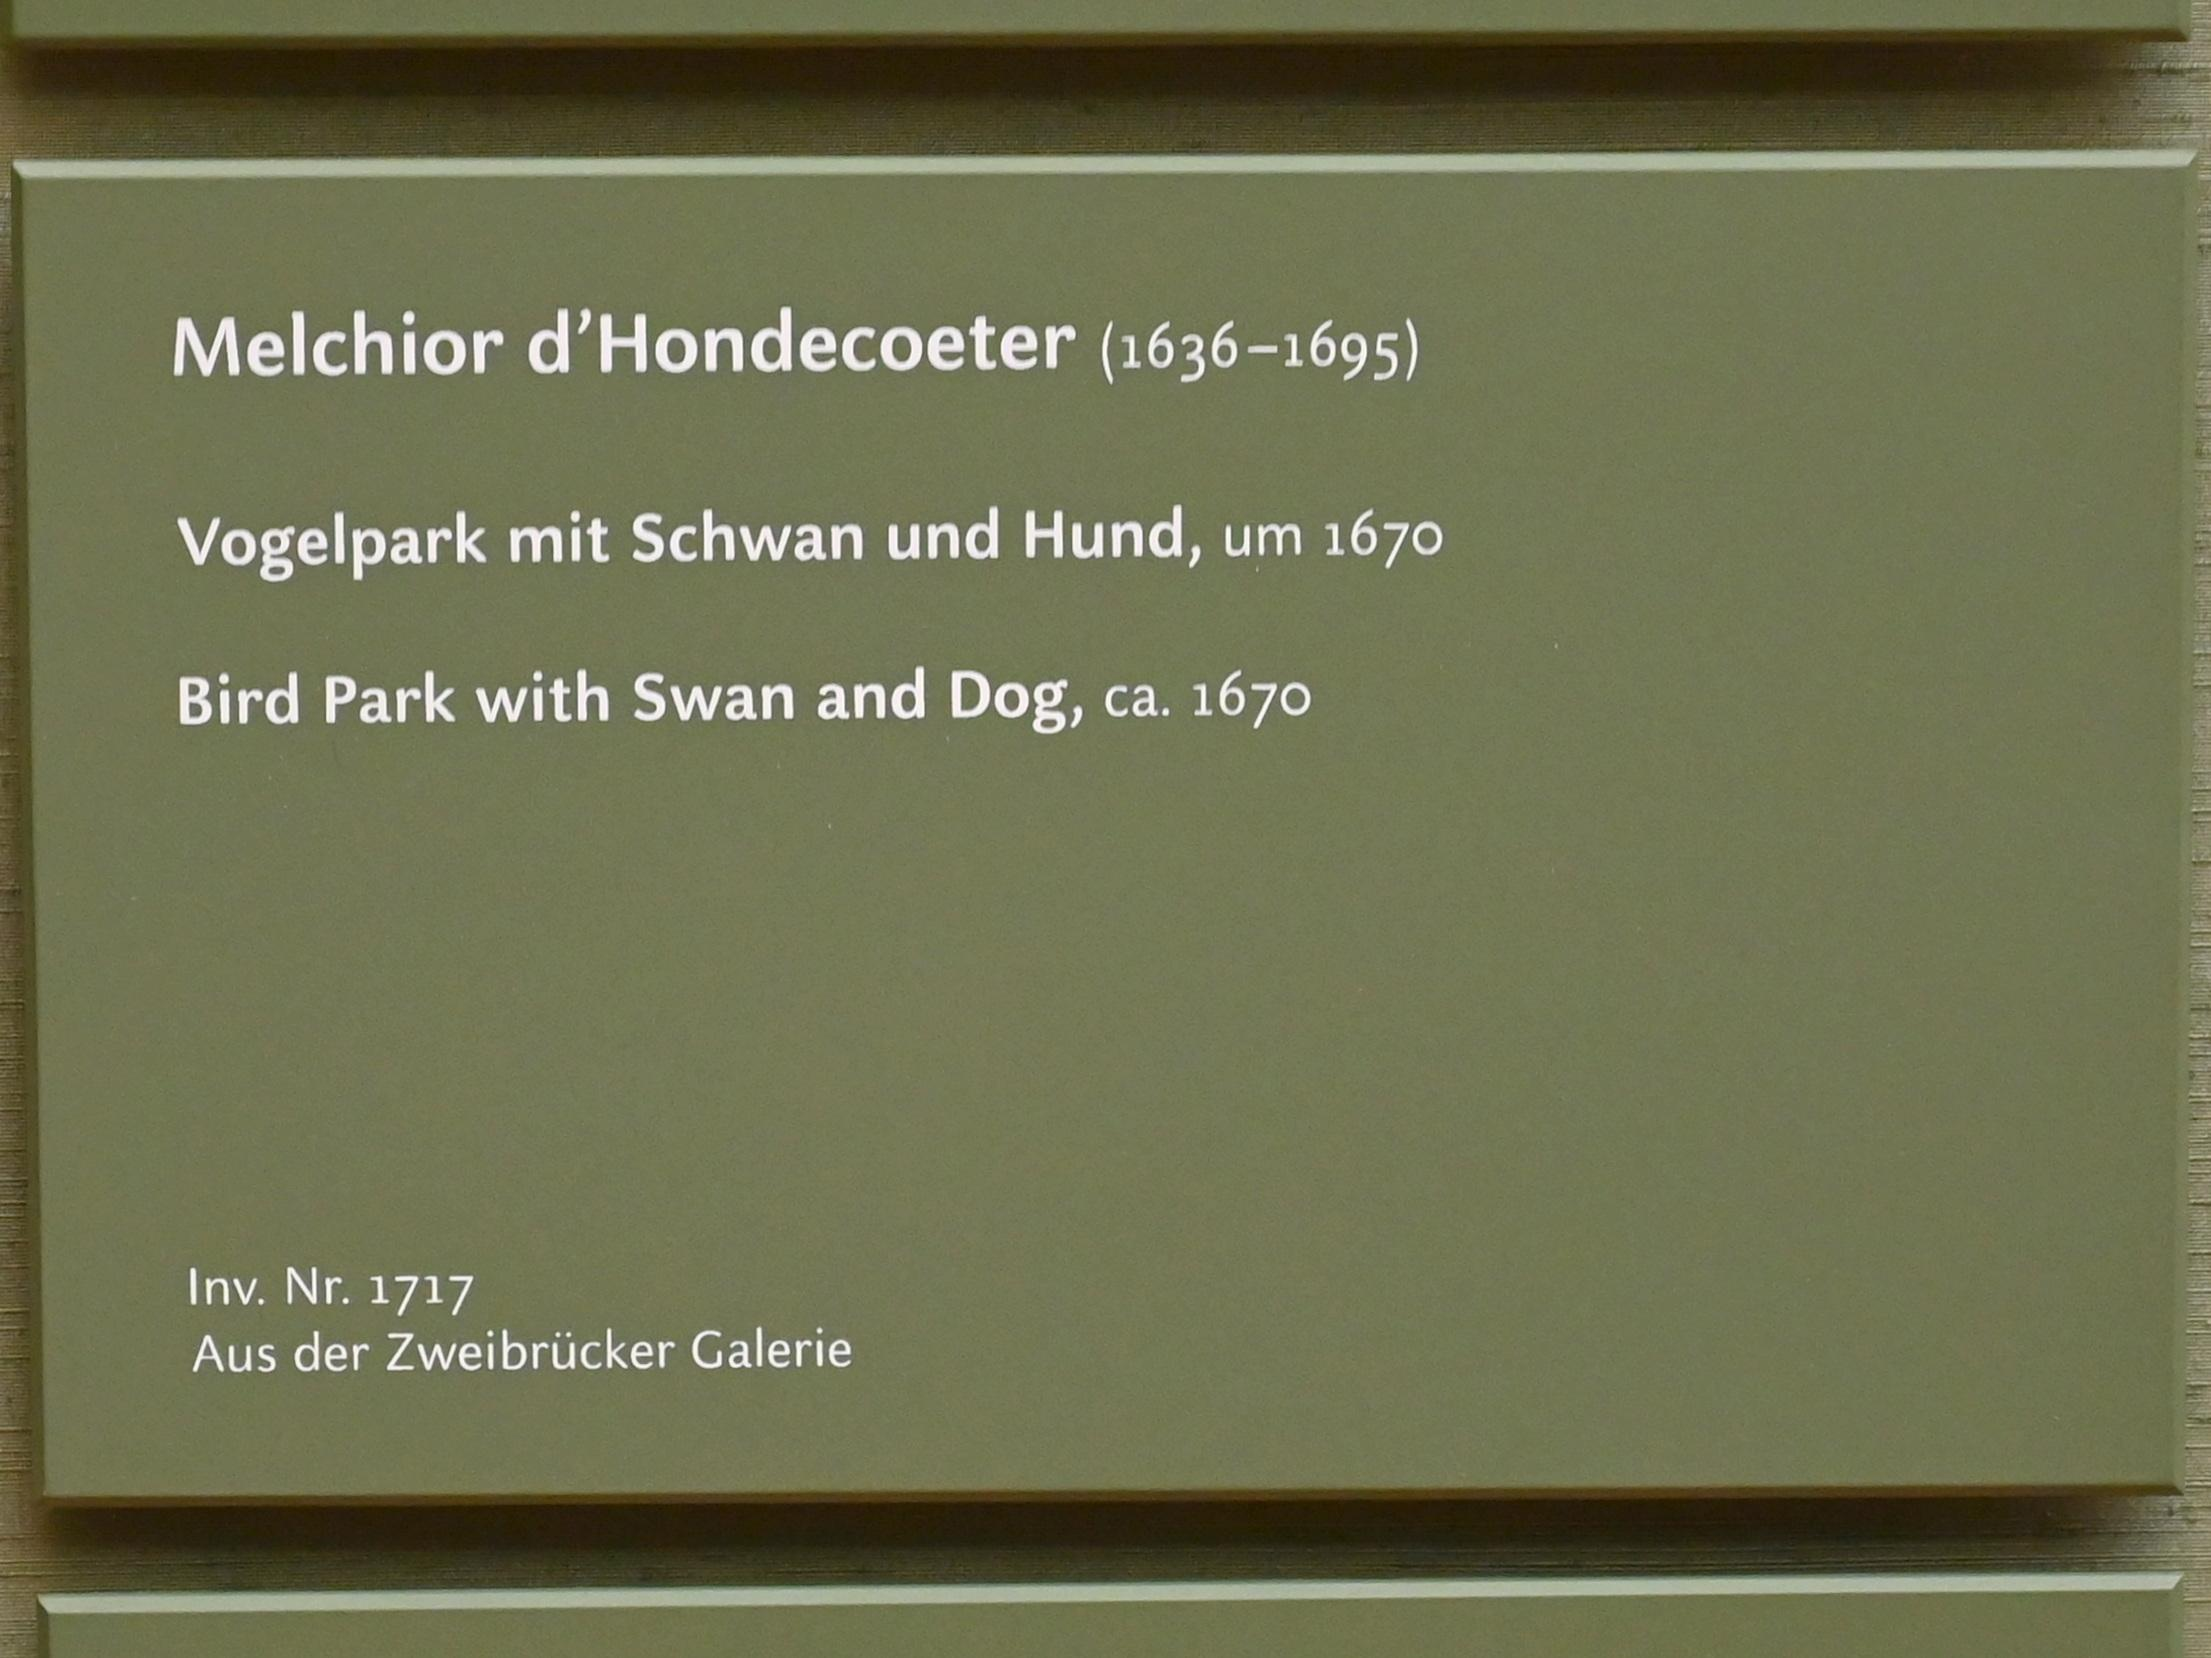 Melchior de Hondecoeter: Vogelpark mit Schwan und Hund, um 1670, Bild 2/2